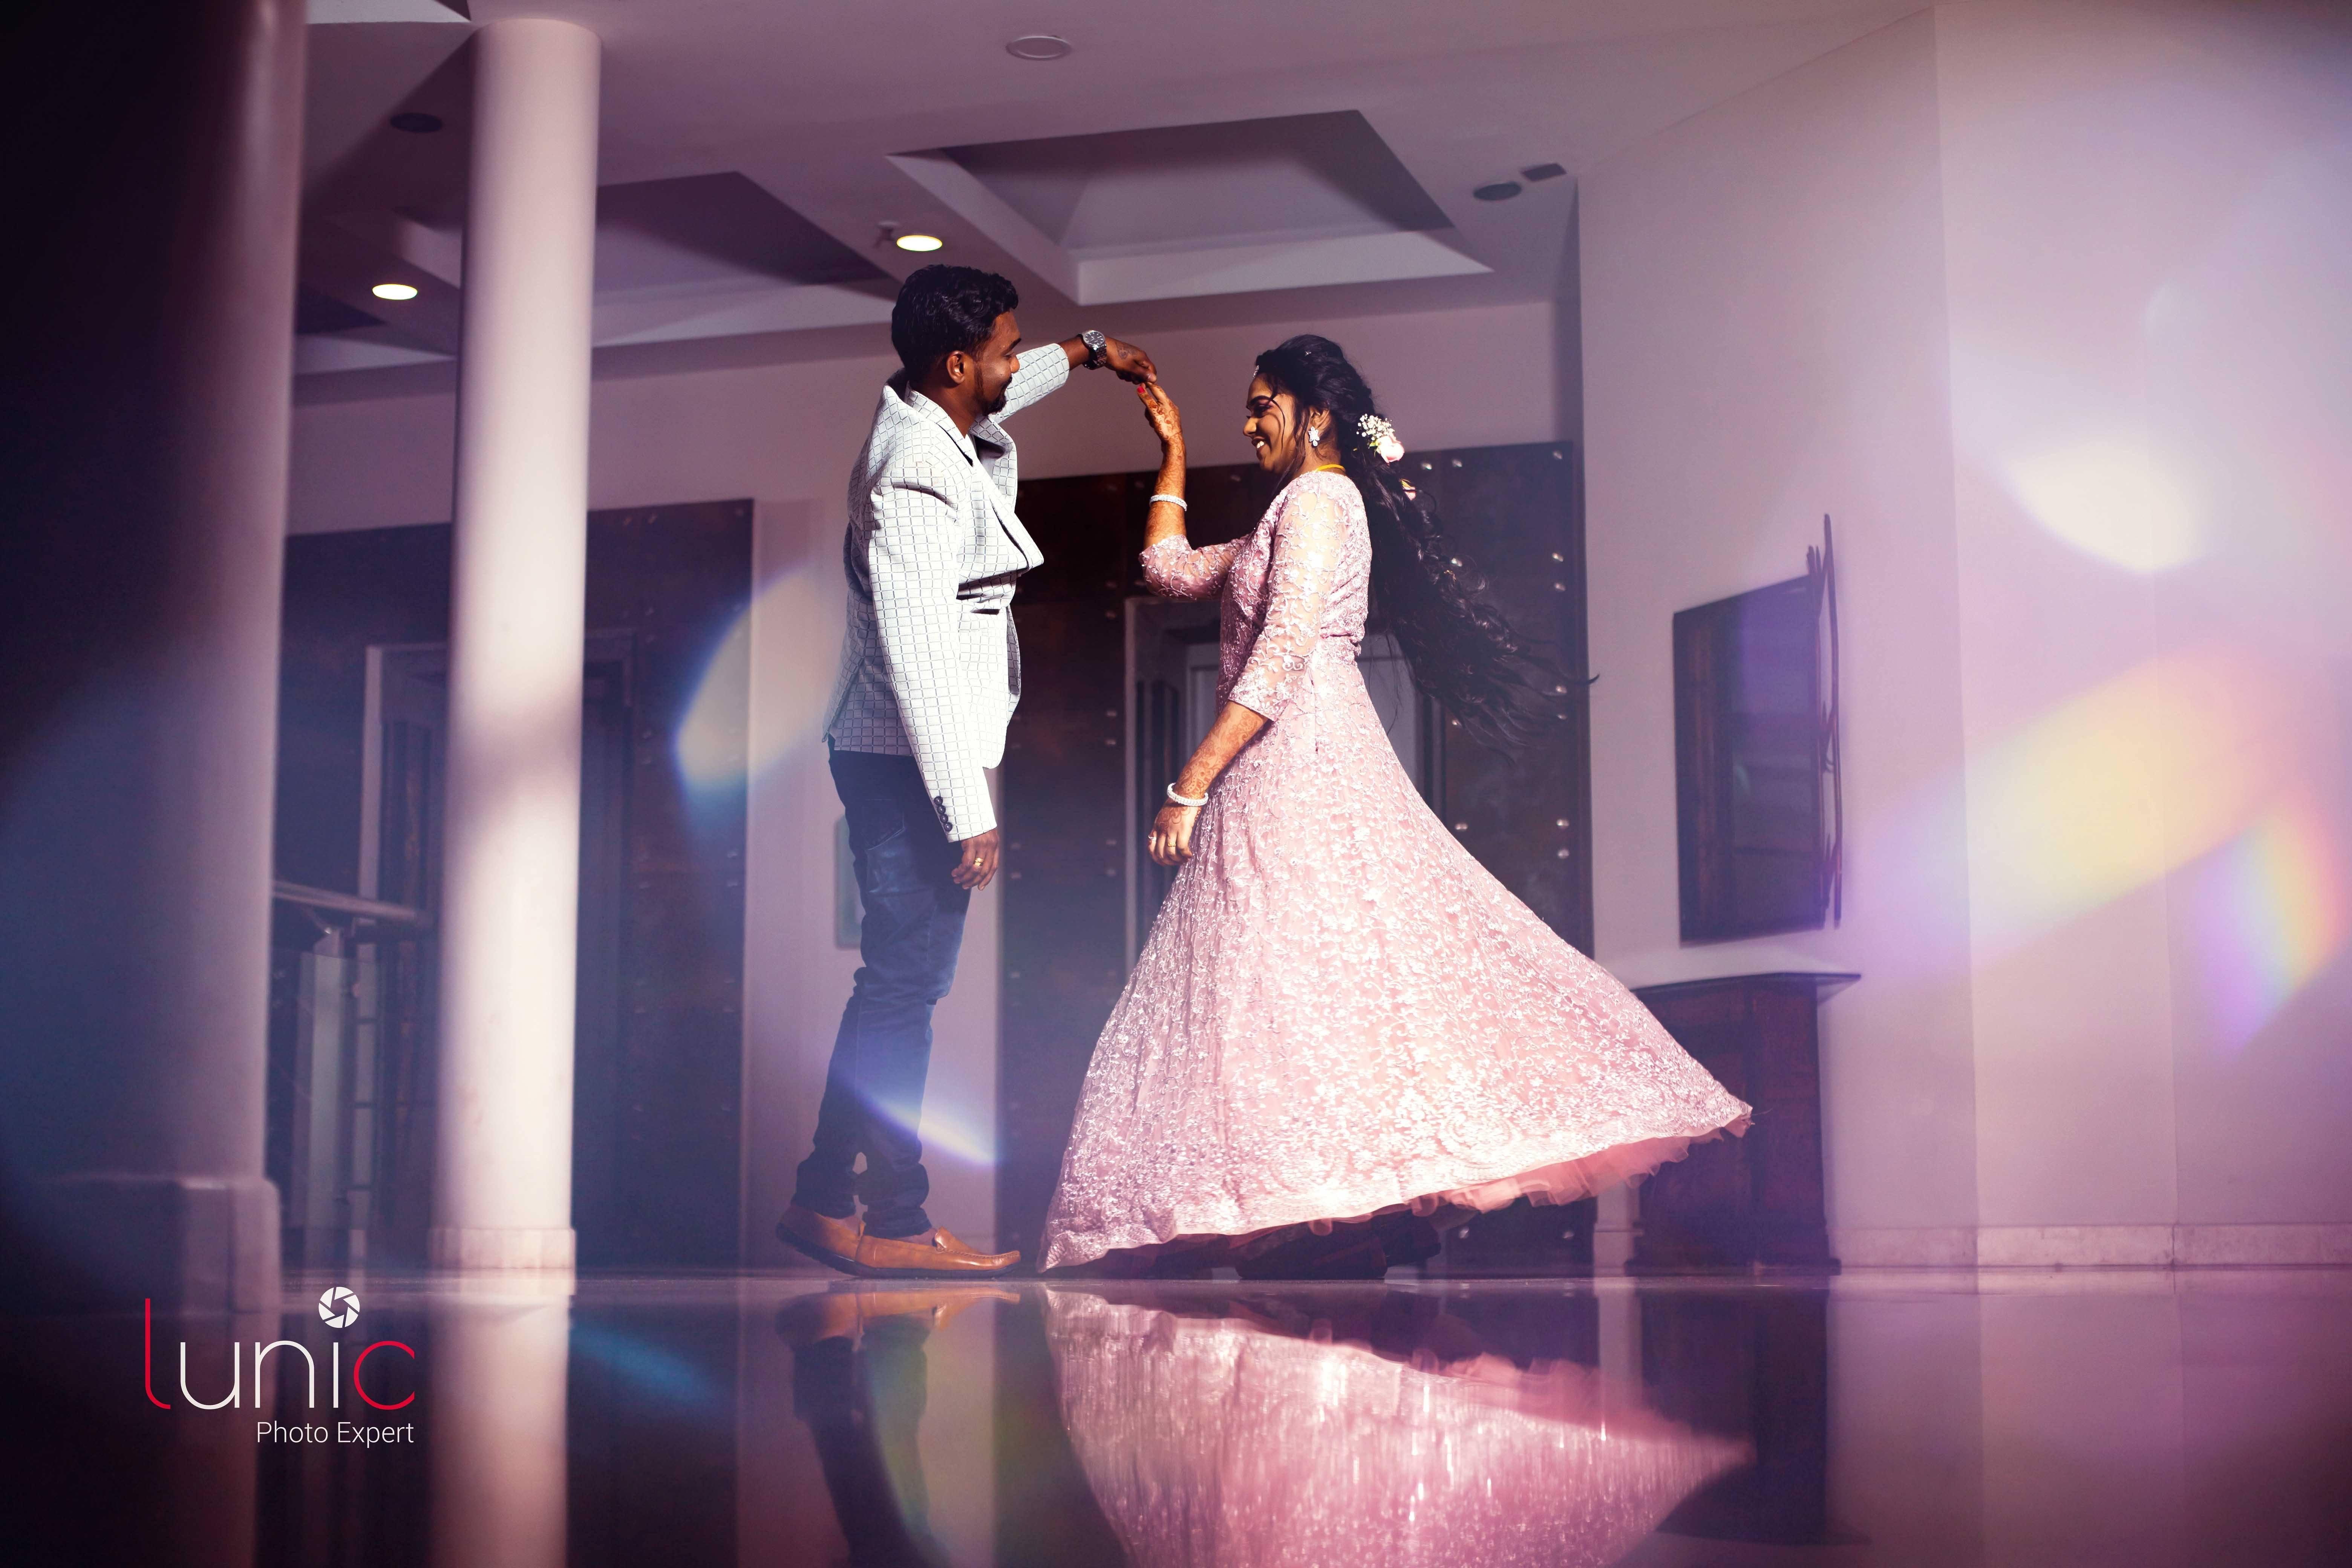 couple dancing pose for wedding lehanga